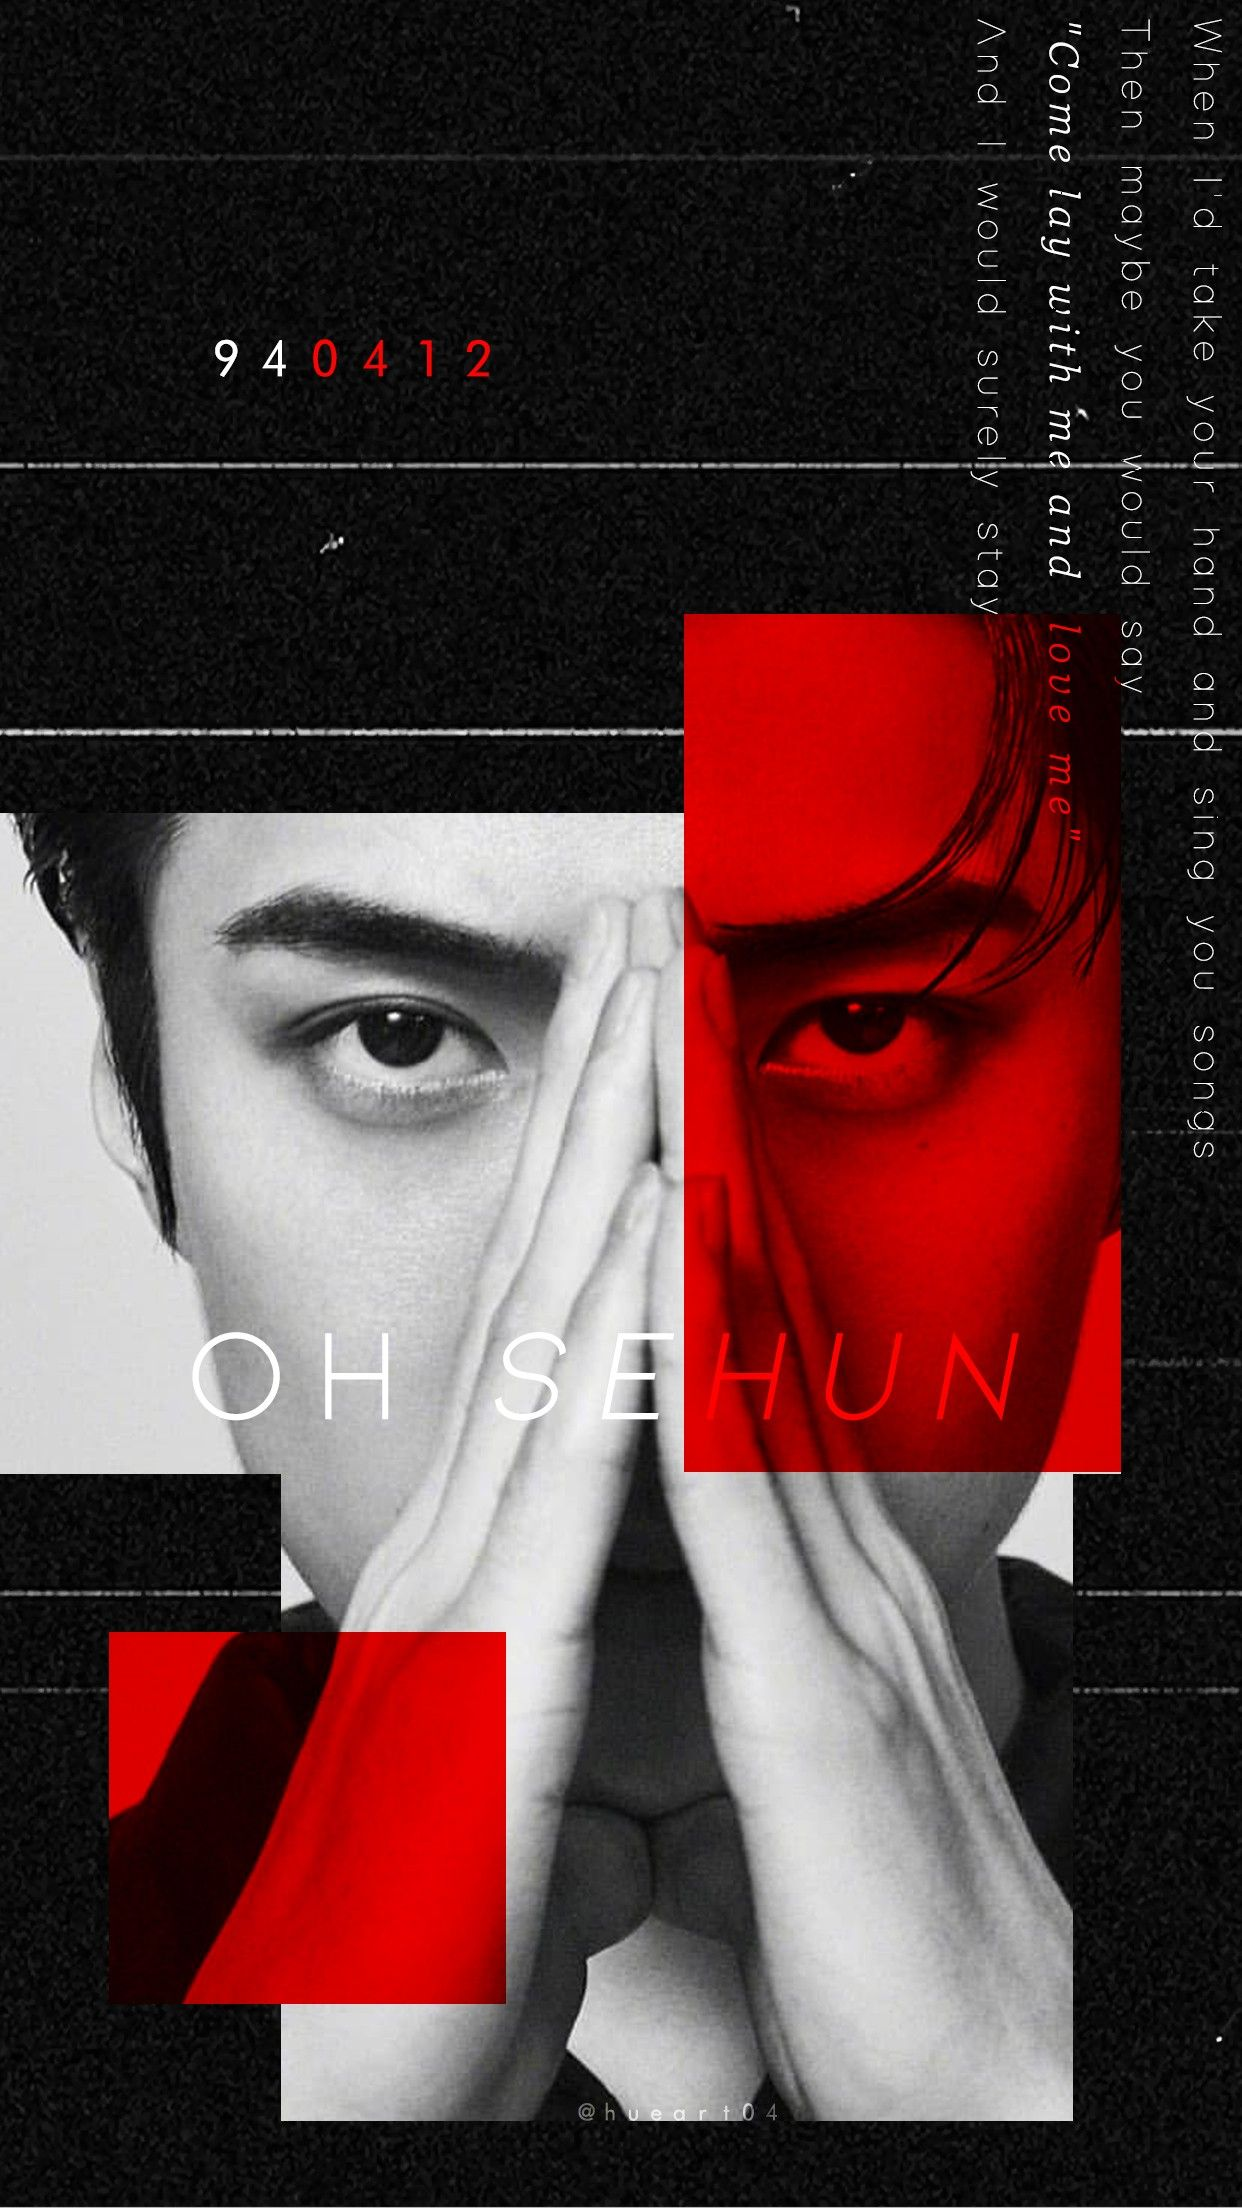 sehun exo ohsehun aesthetic wallpaper red